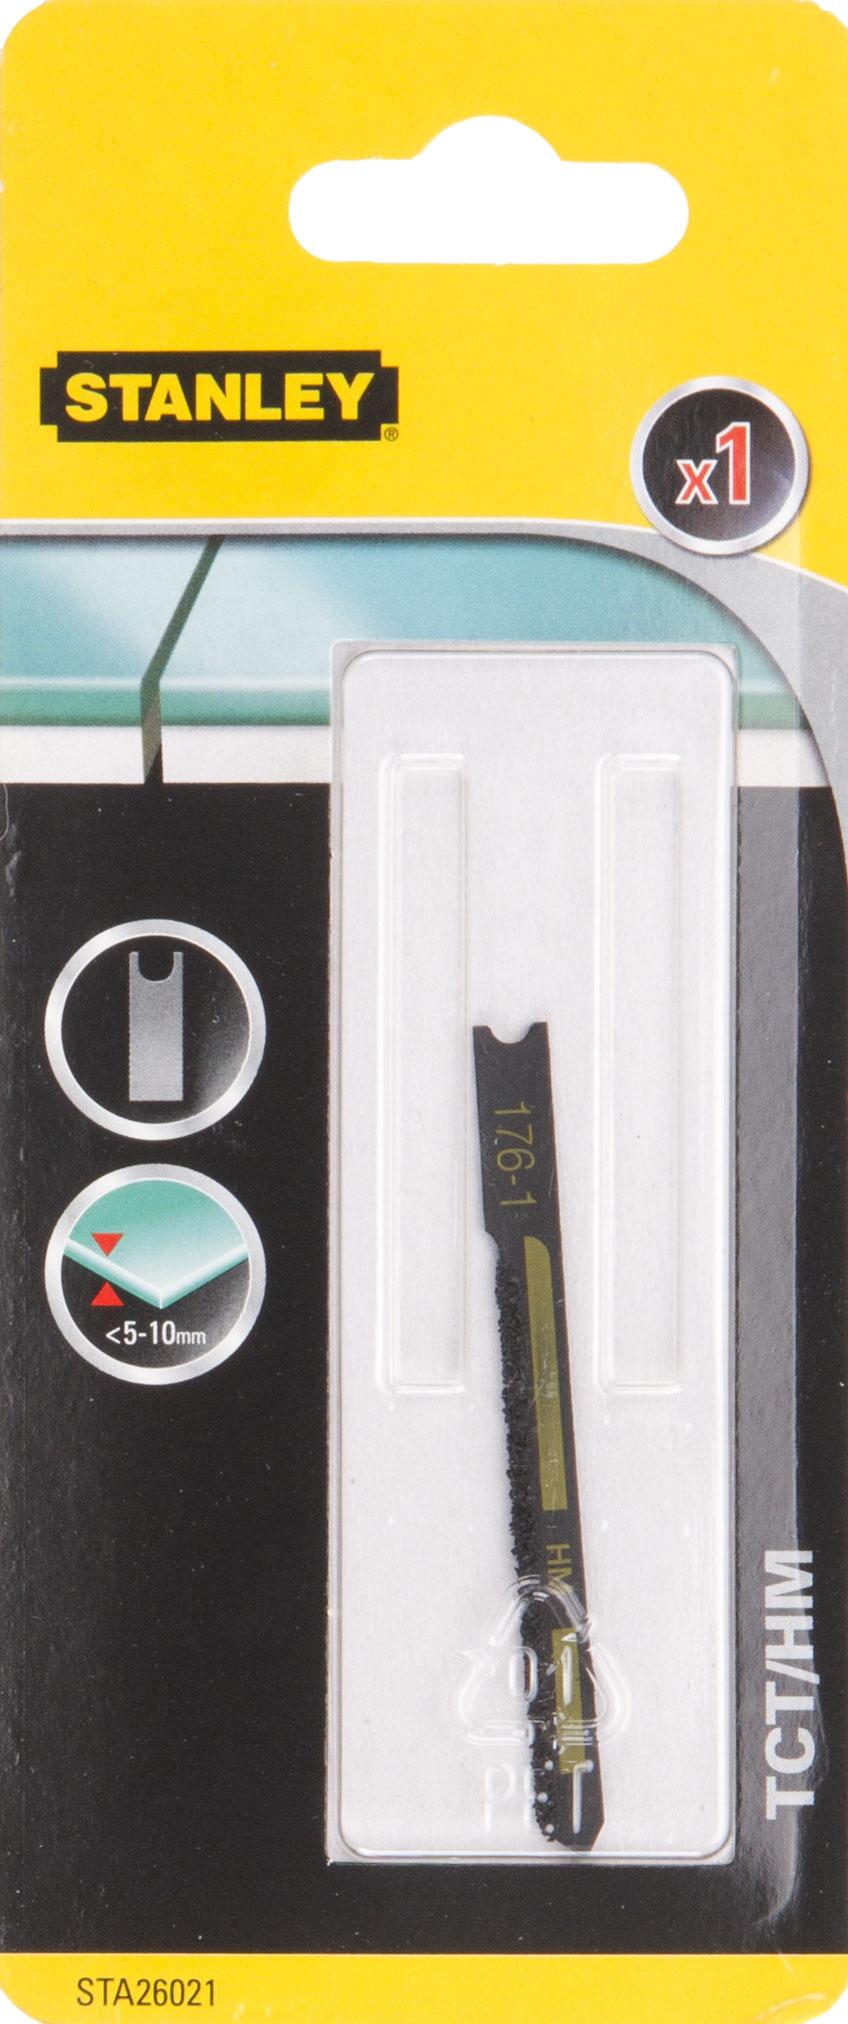 Пилки для лобзика Stanley Sta26021-xj пилки для лобзика по металлу для прямых пропилов bosch t118a 1 3 мм 5 шт